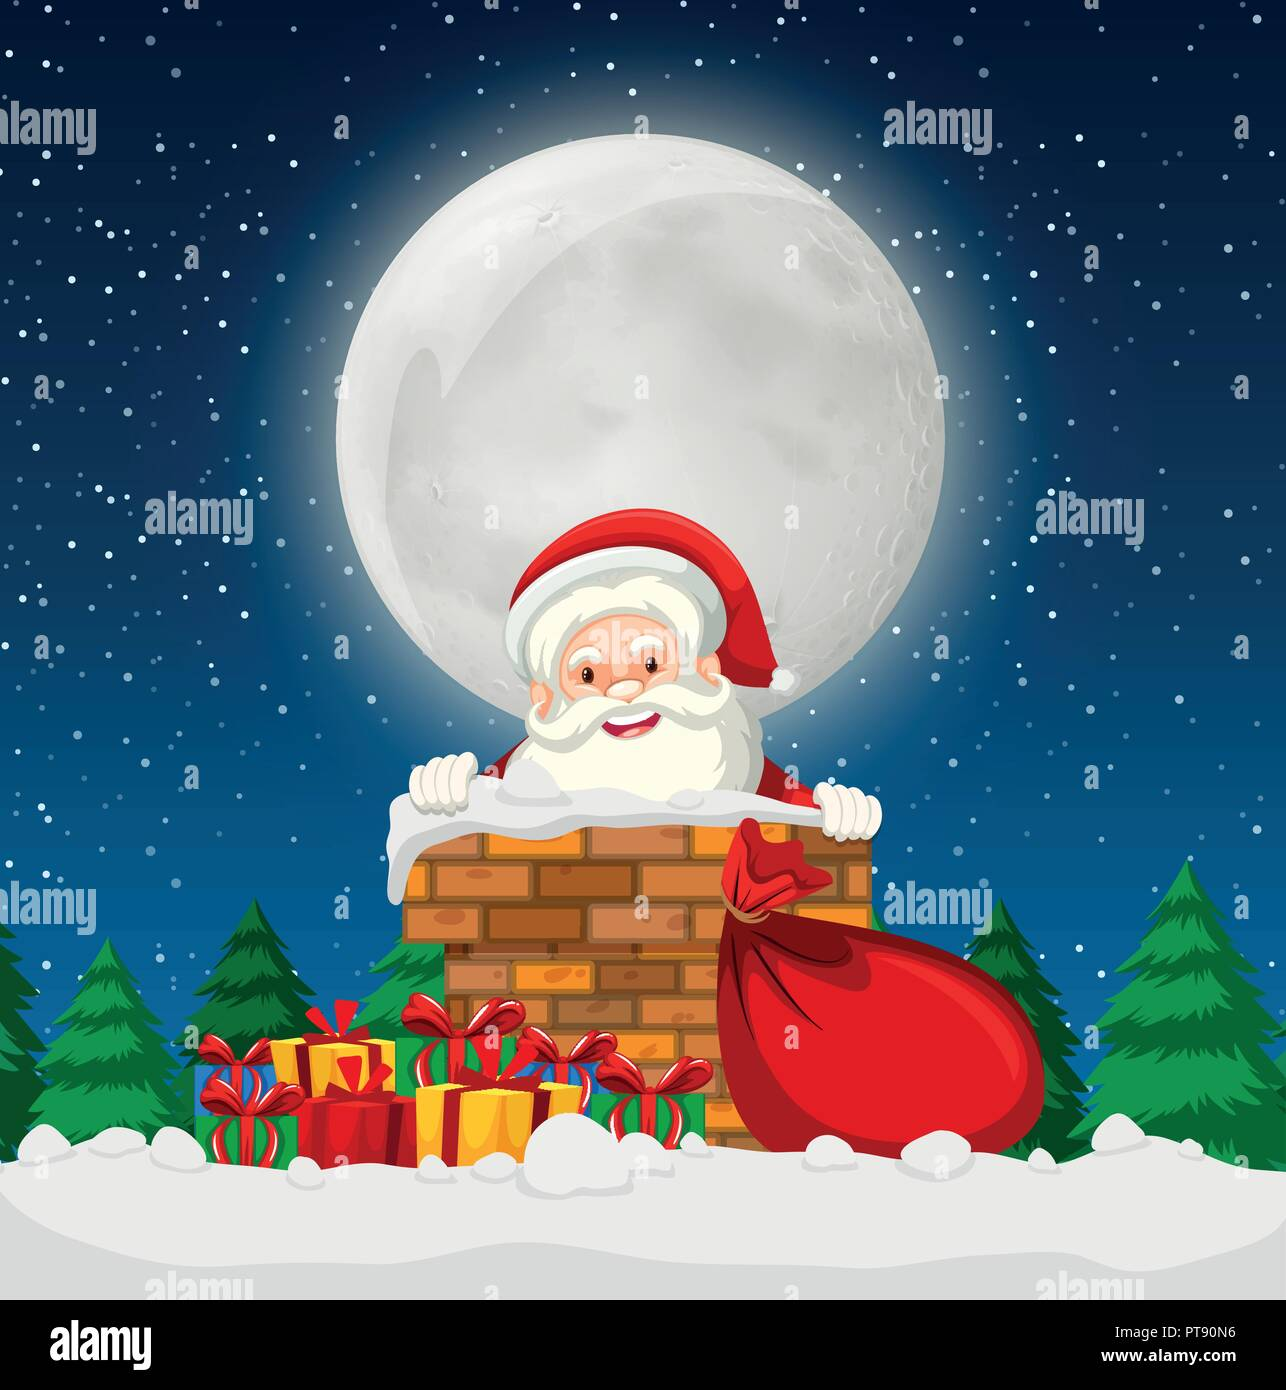 Santa in a chimney scene illustration - Stock Vector